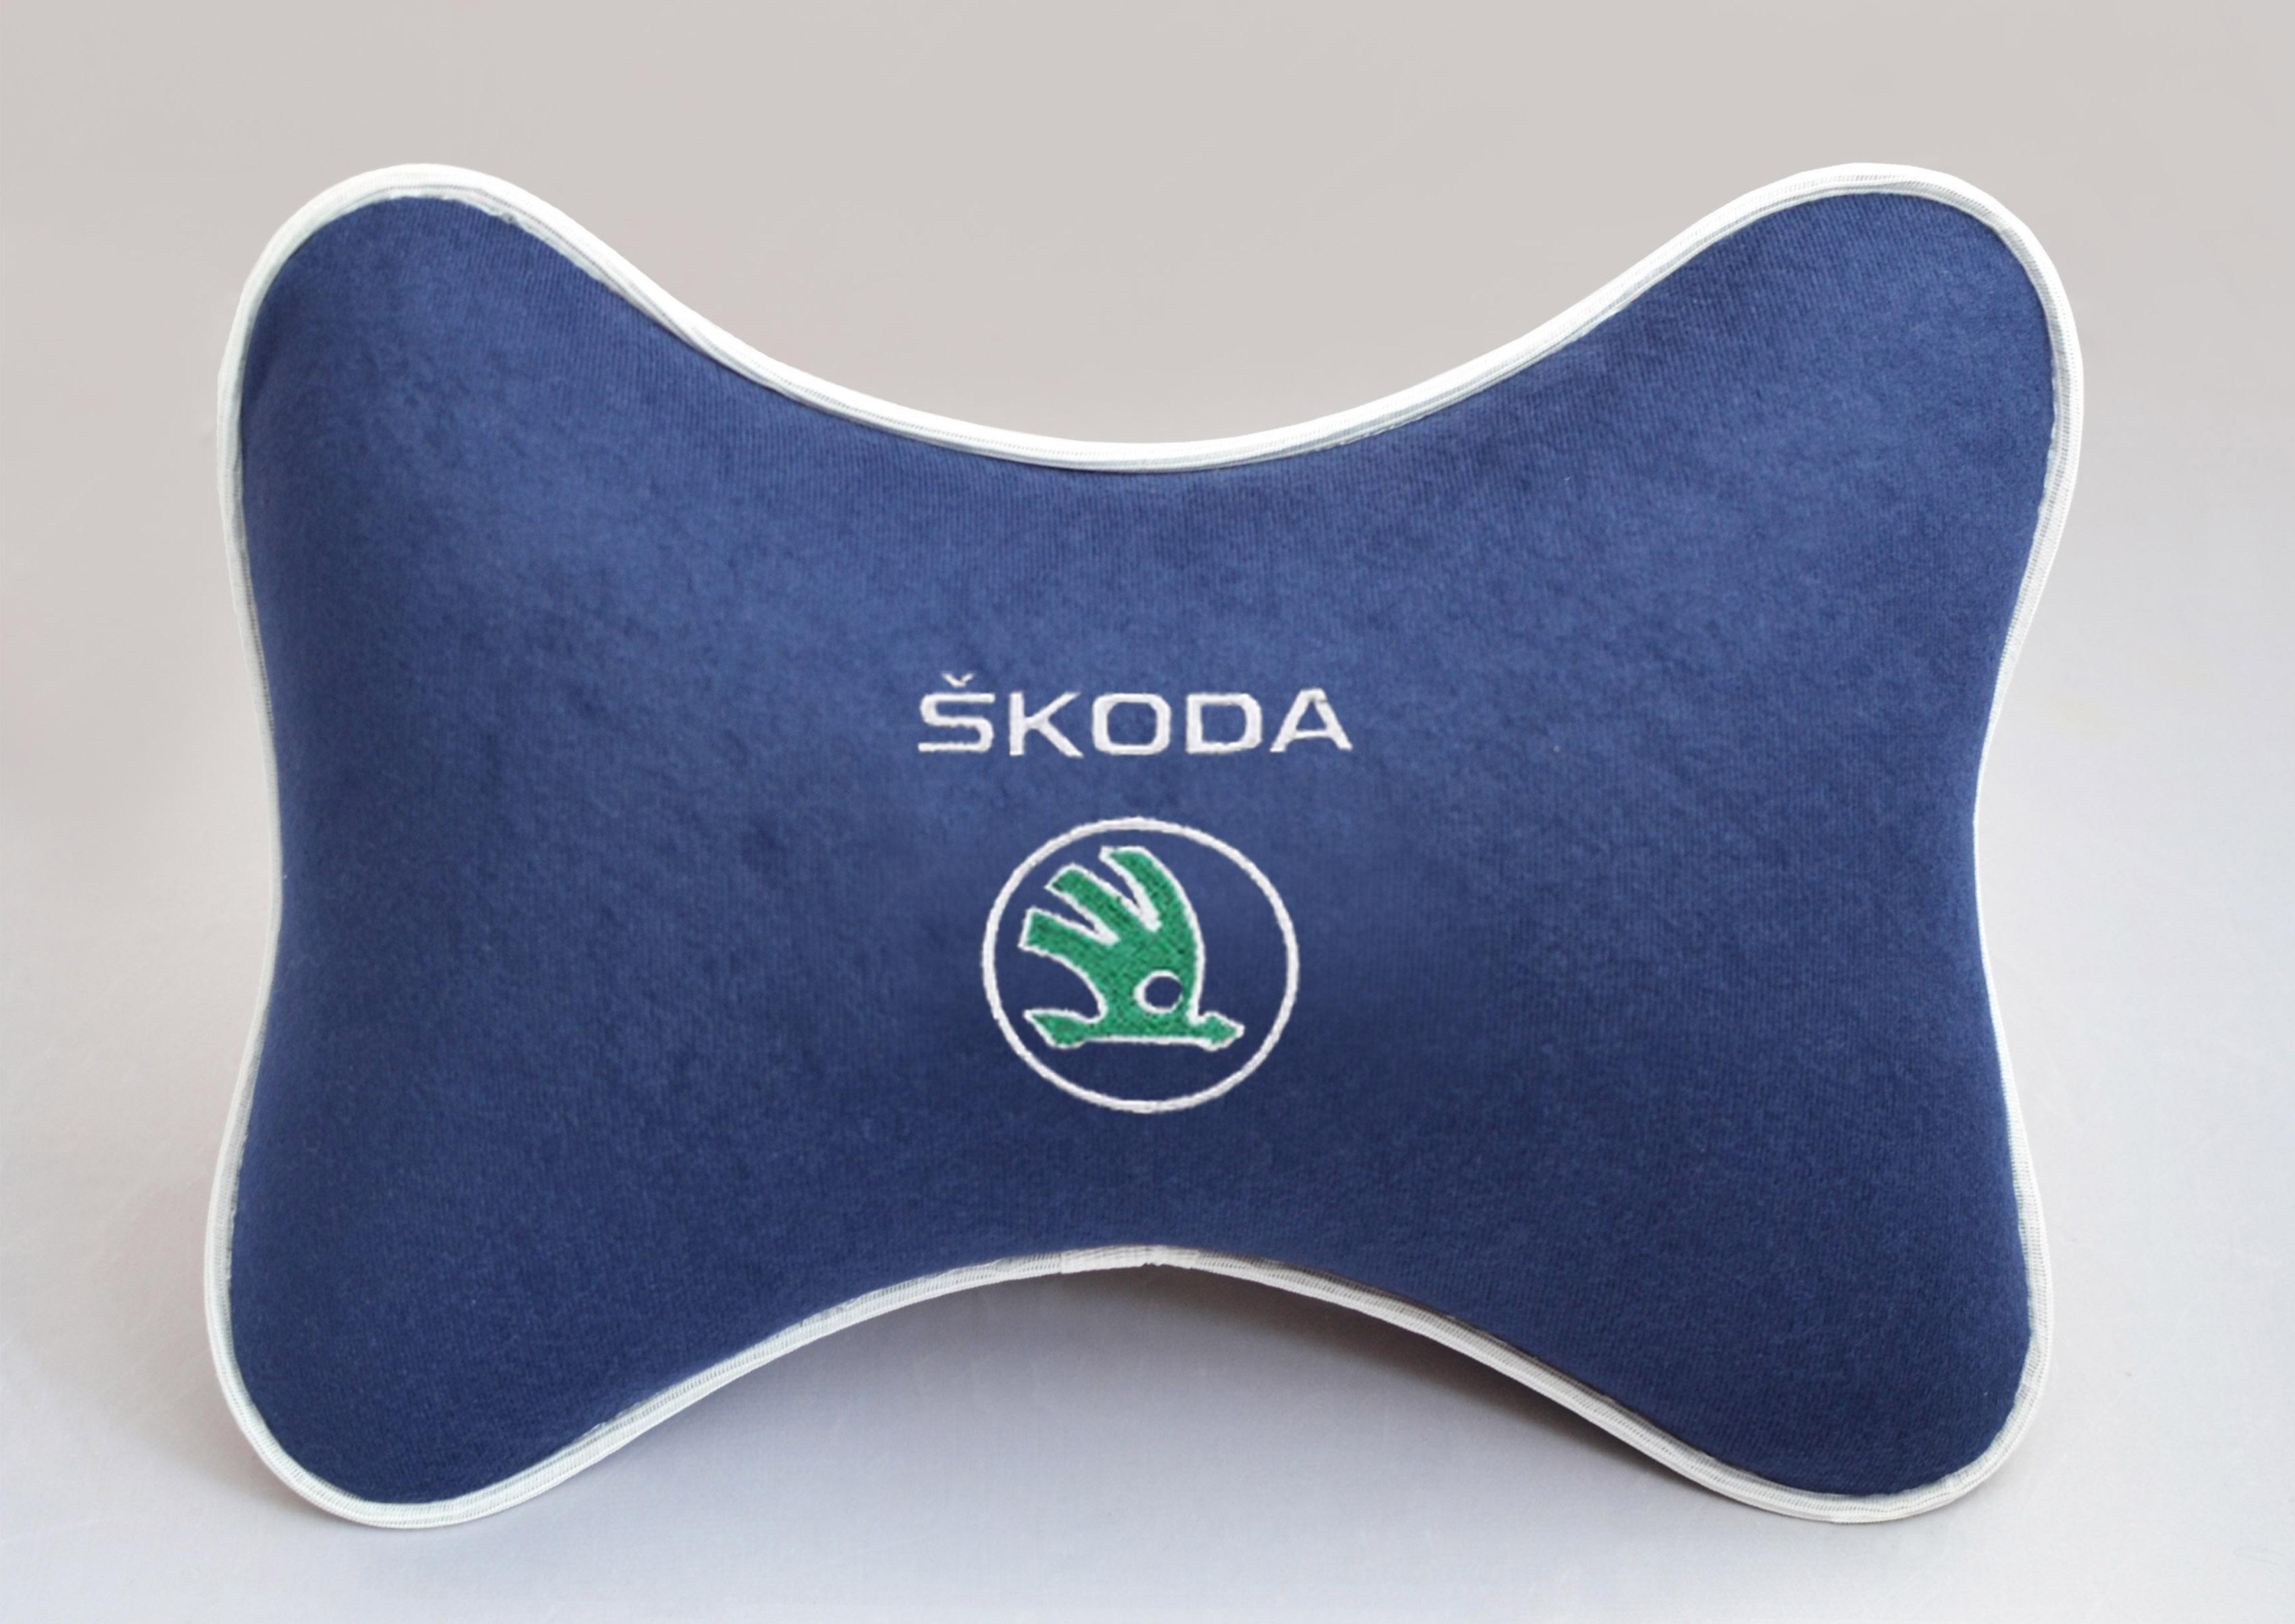 Подушка на подголовник из синего велюра SKODA